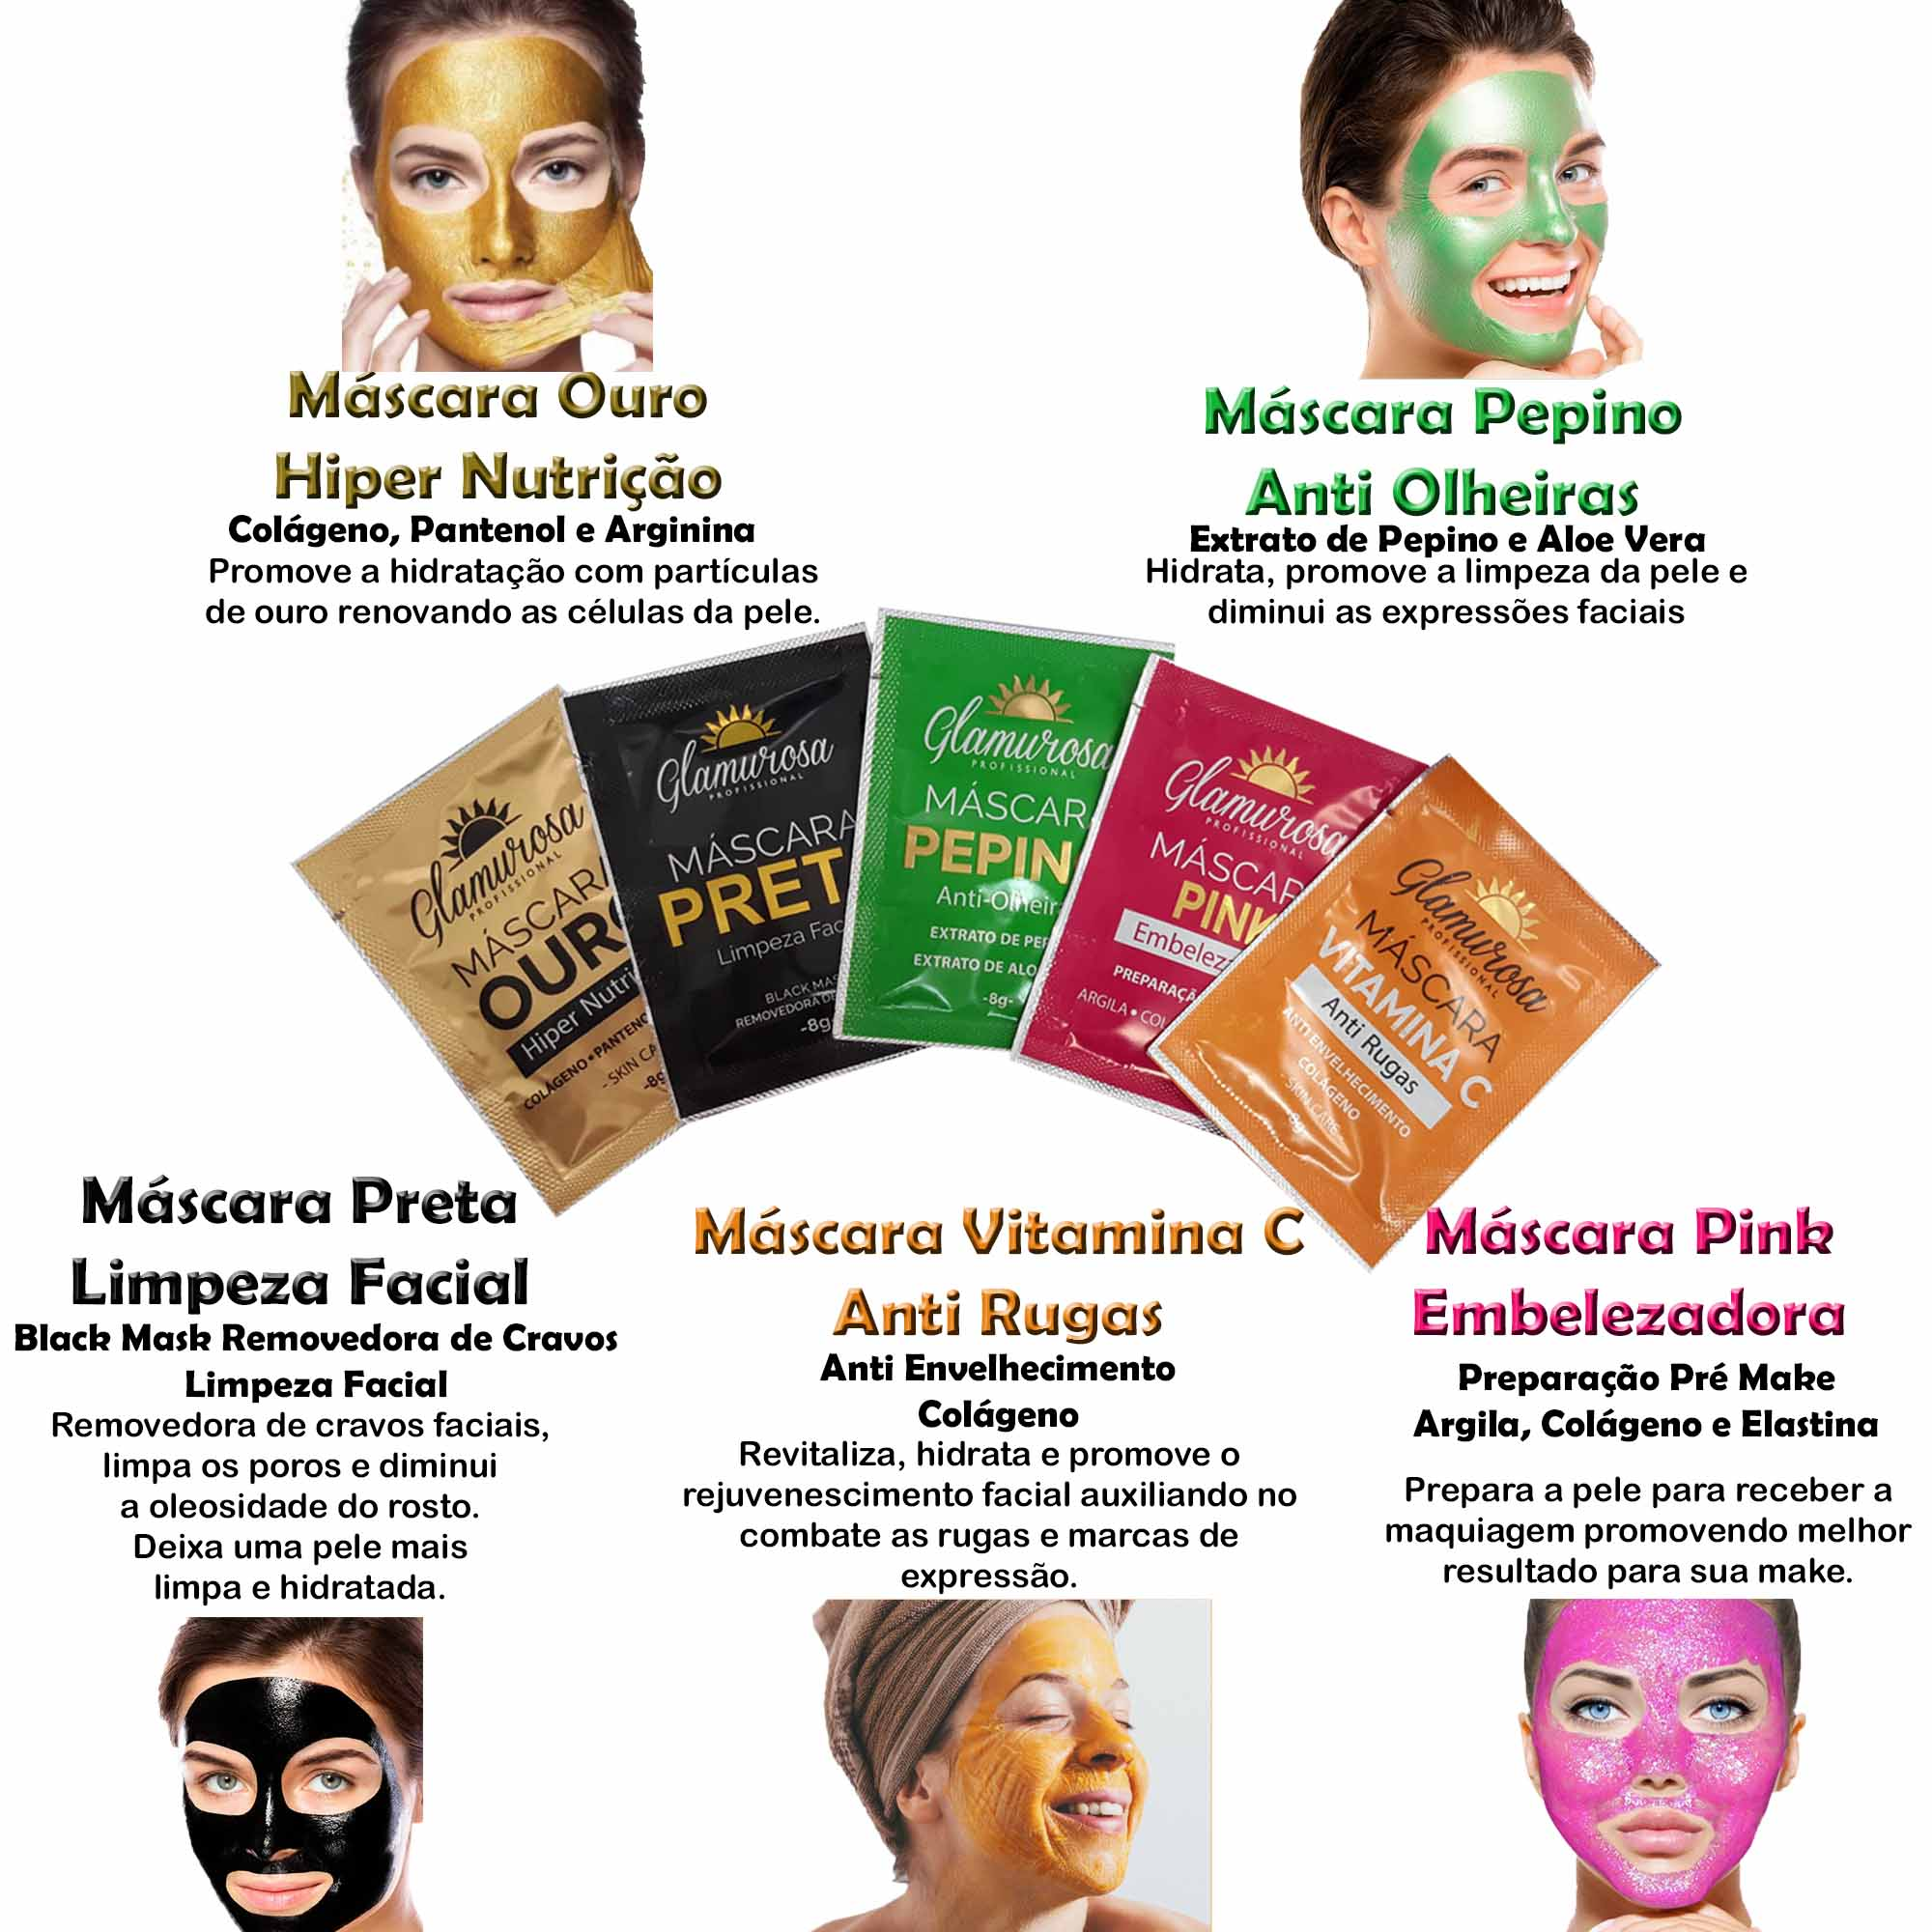 Kit com 5 Máscaras Faciais Profissionais Glamurosa